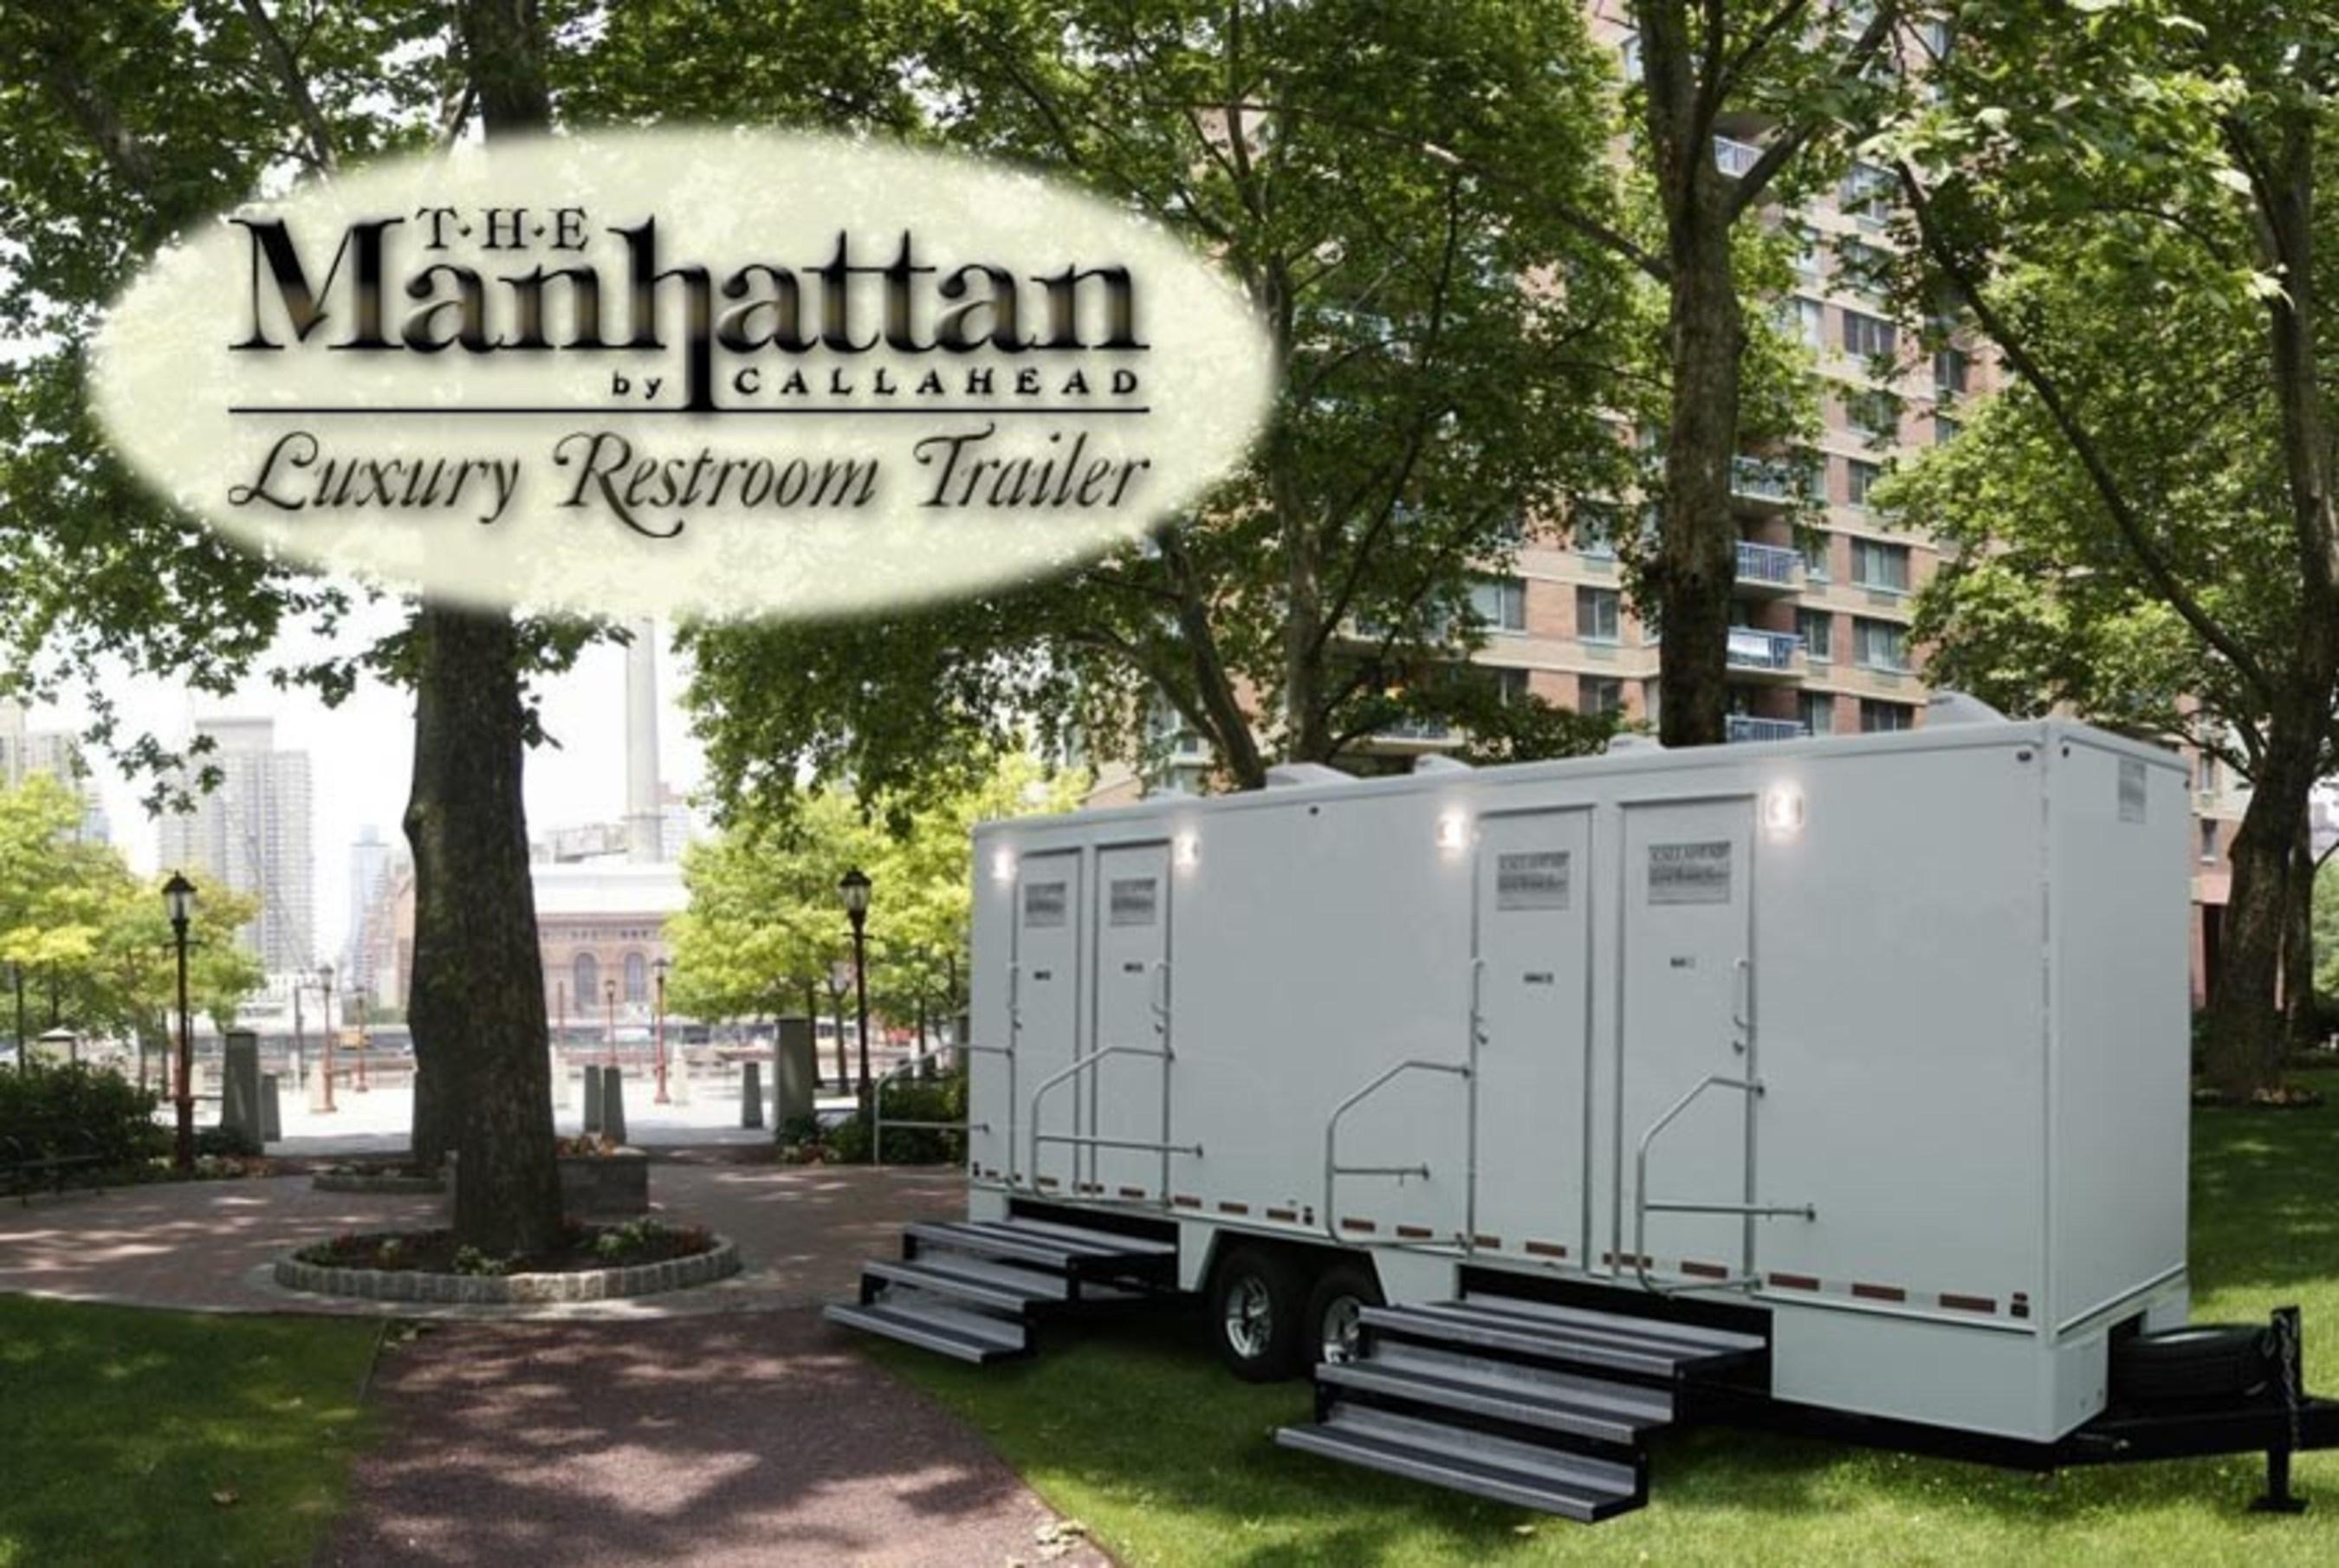 The Manhattan Luxury Restroom Trailer